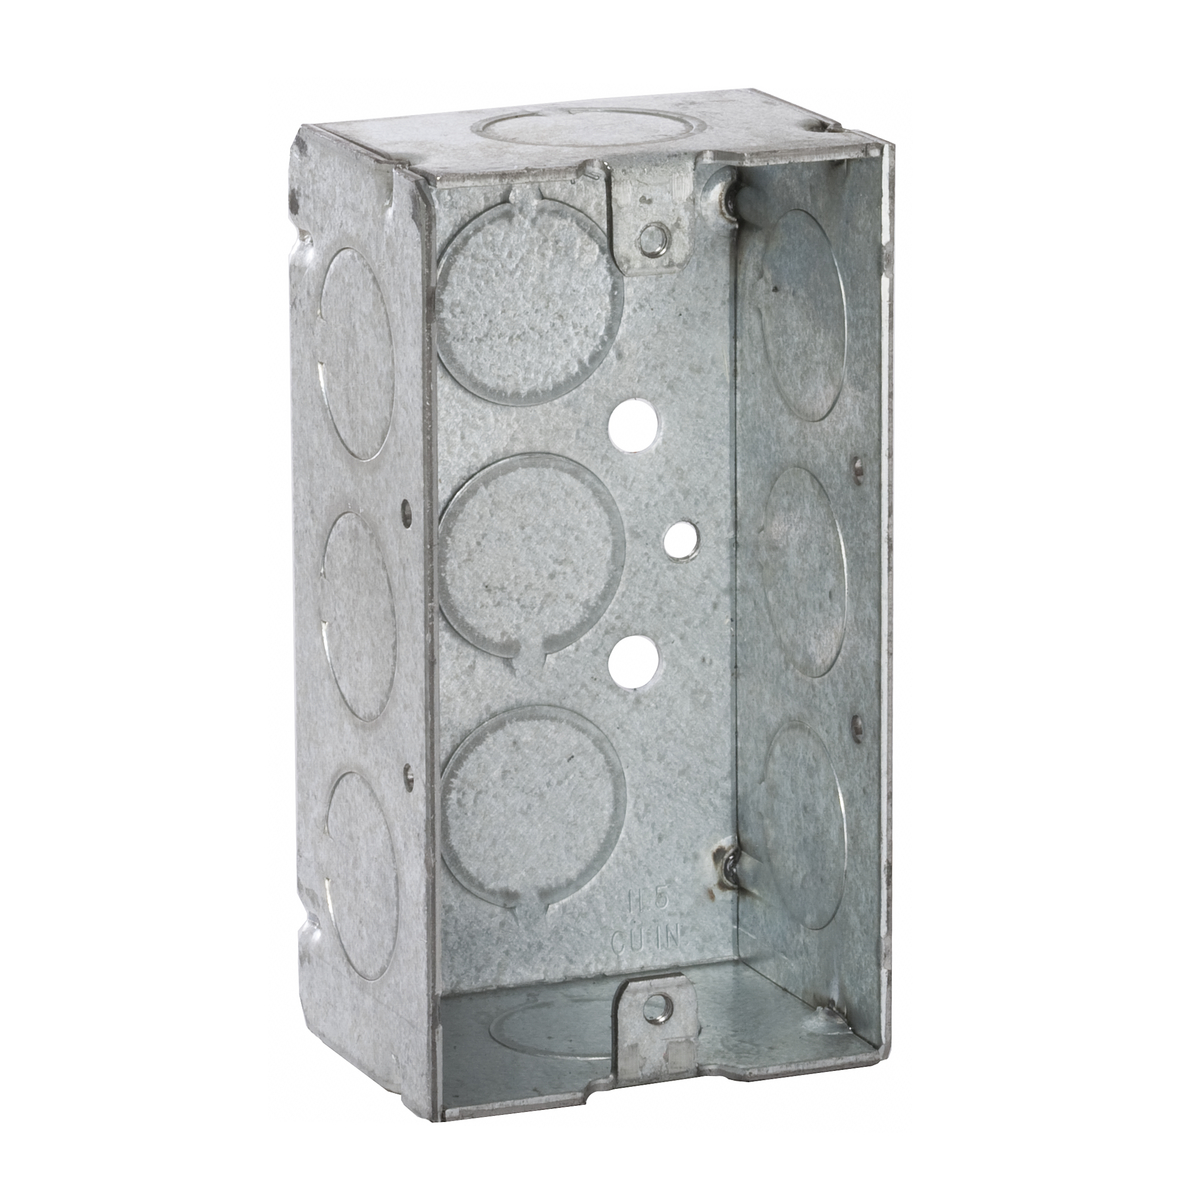 RAC 650 HANDY BOX 4X2 1-1/2DP 1/2 KO